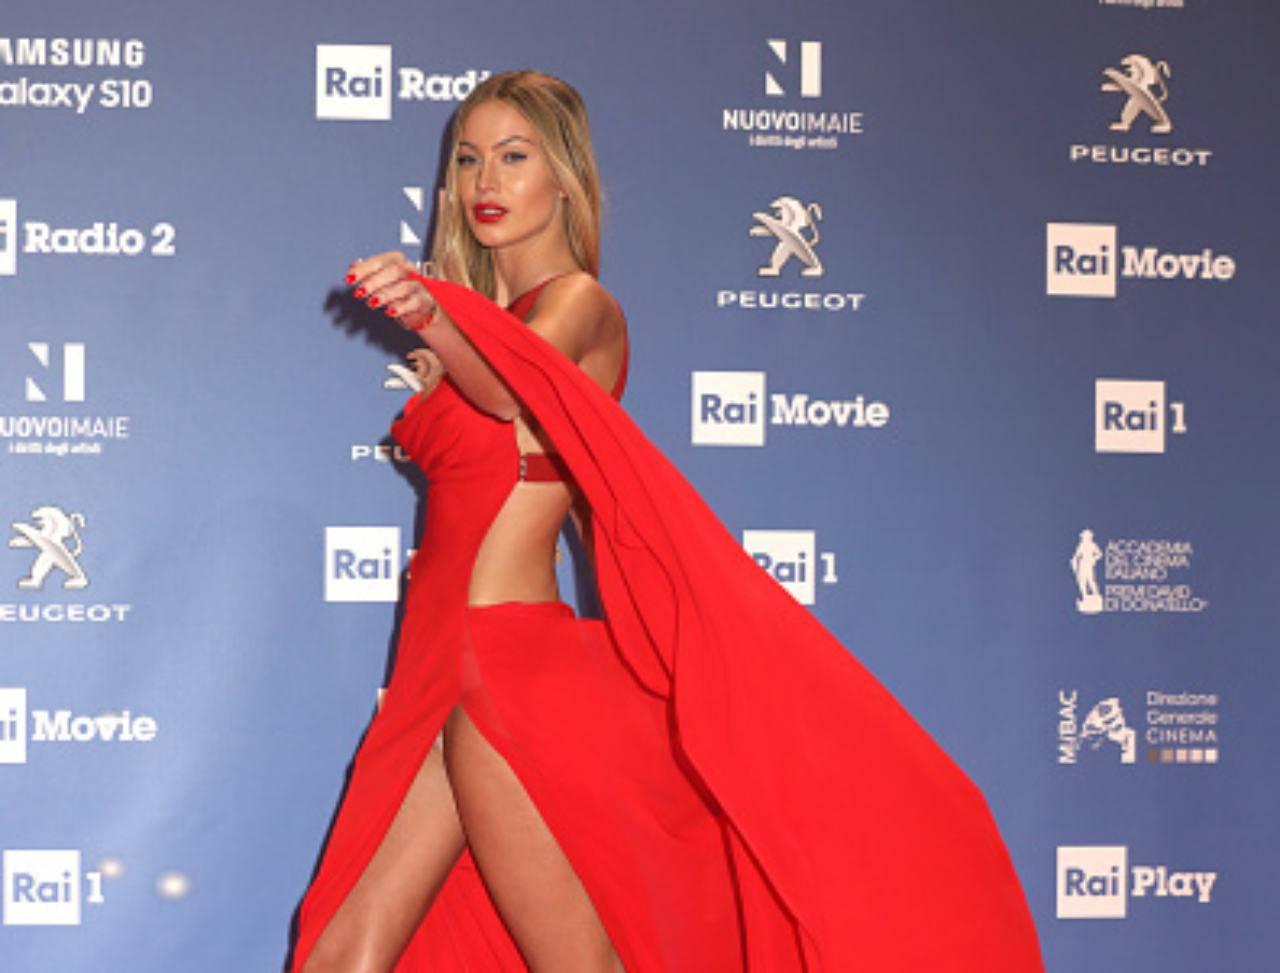 Taylor Mega, il video che fa impazzire i fan: in intimo su Instagram